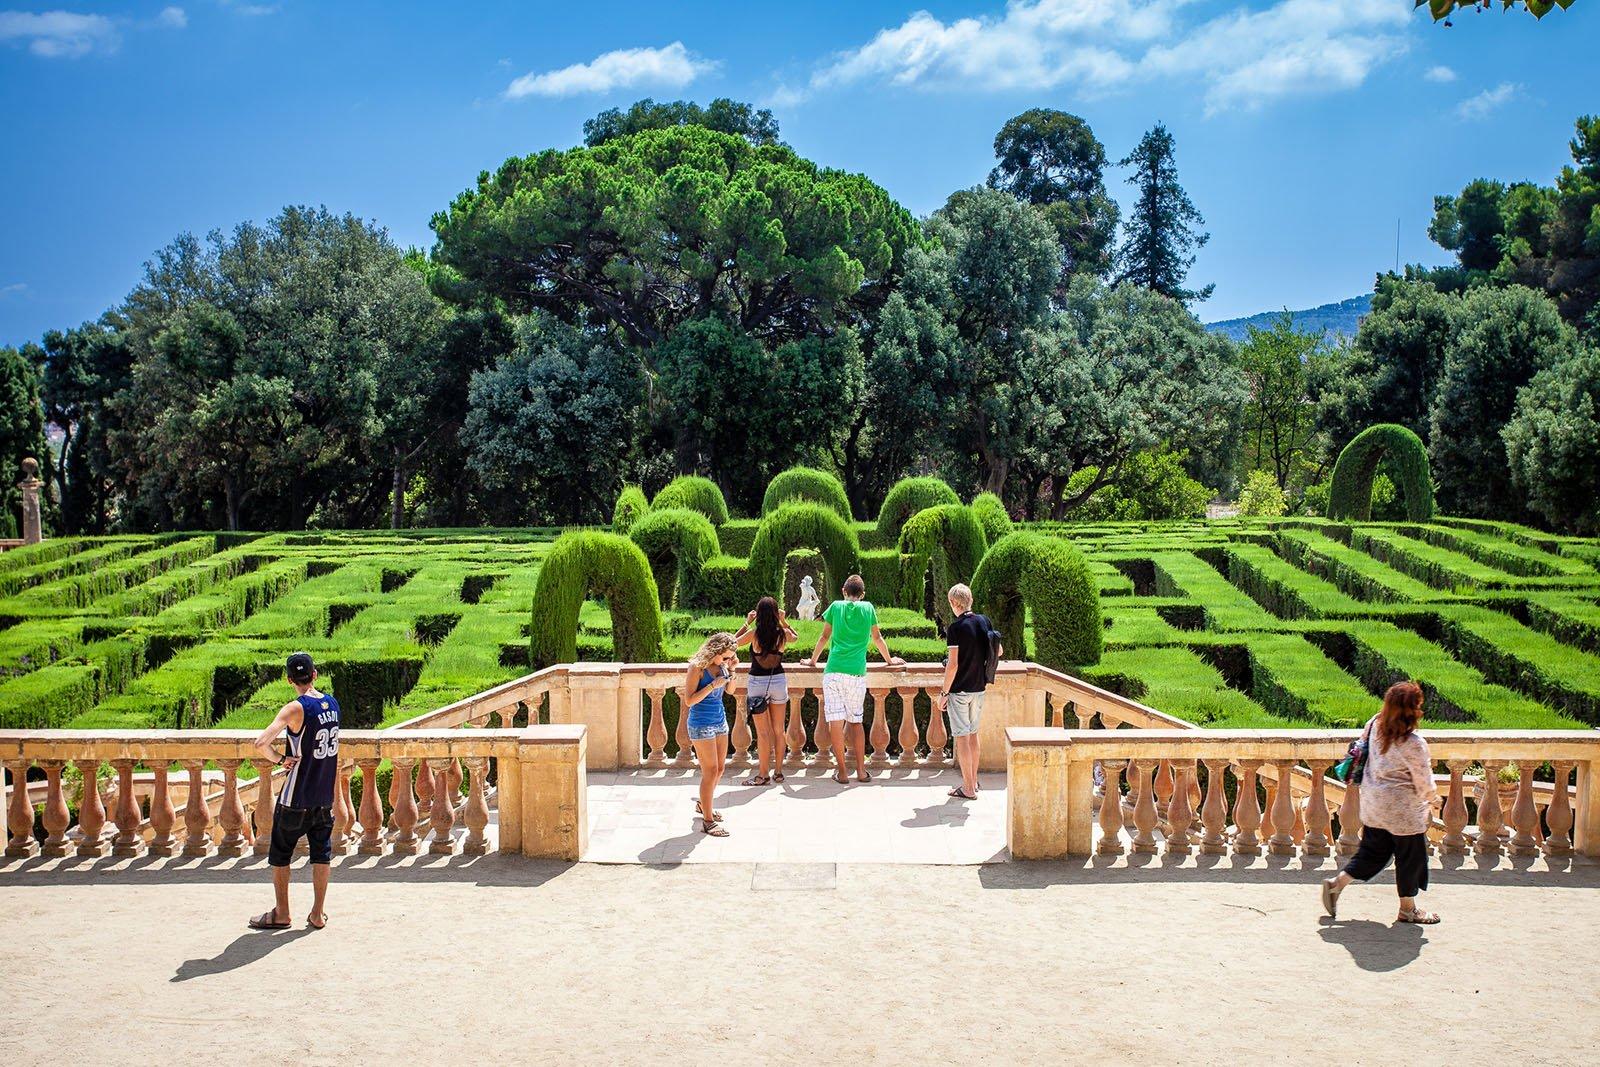 park-labyrinth-laberint-barcelona-pickapictour